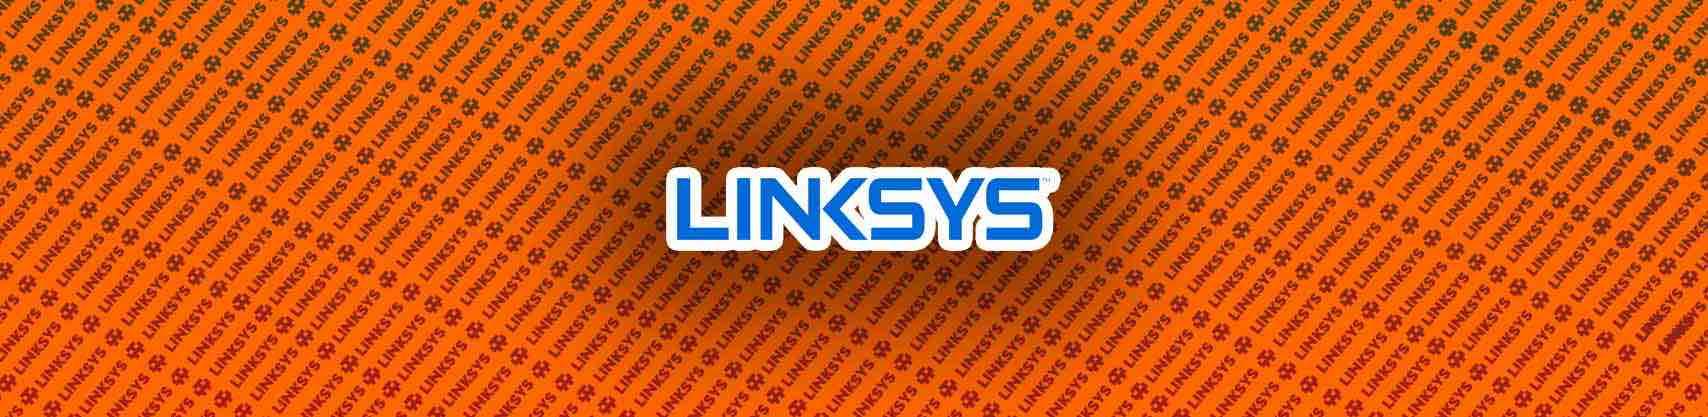 Linksys AC2200 Manual